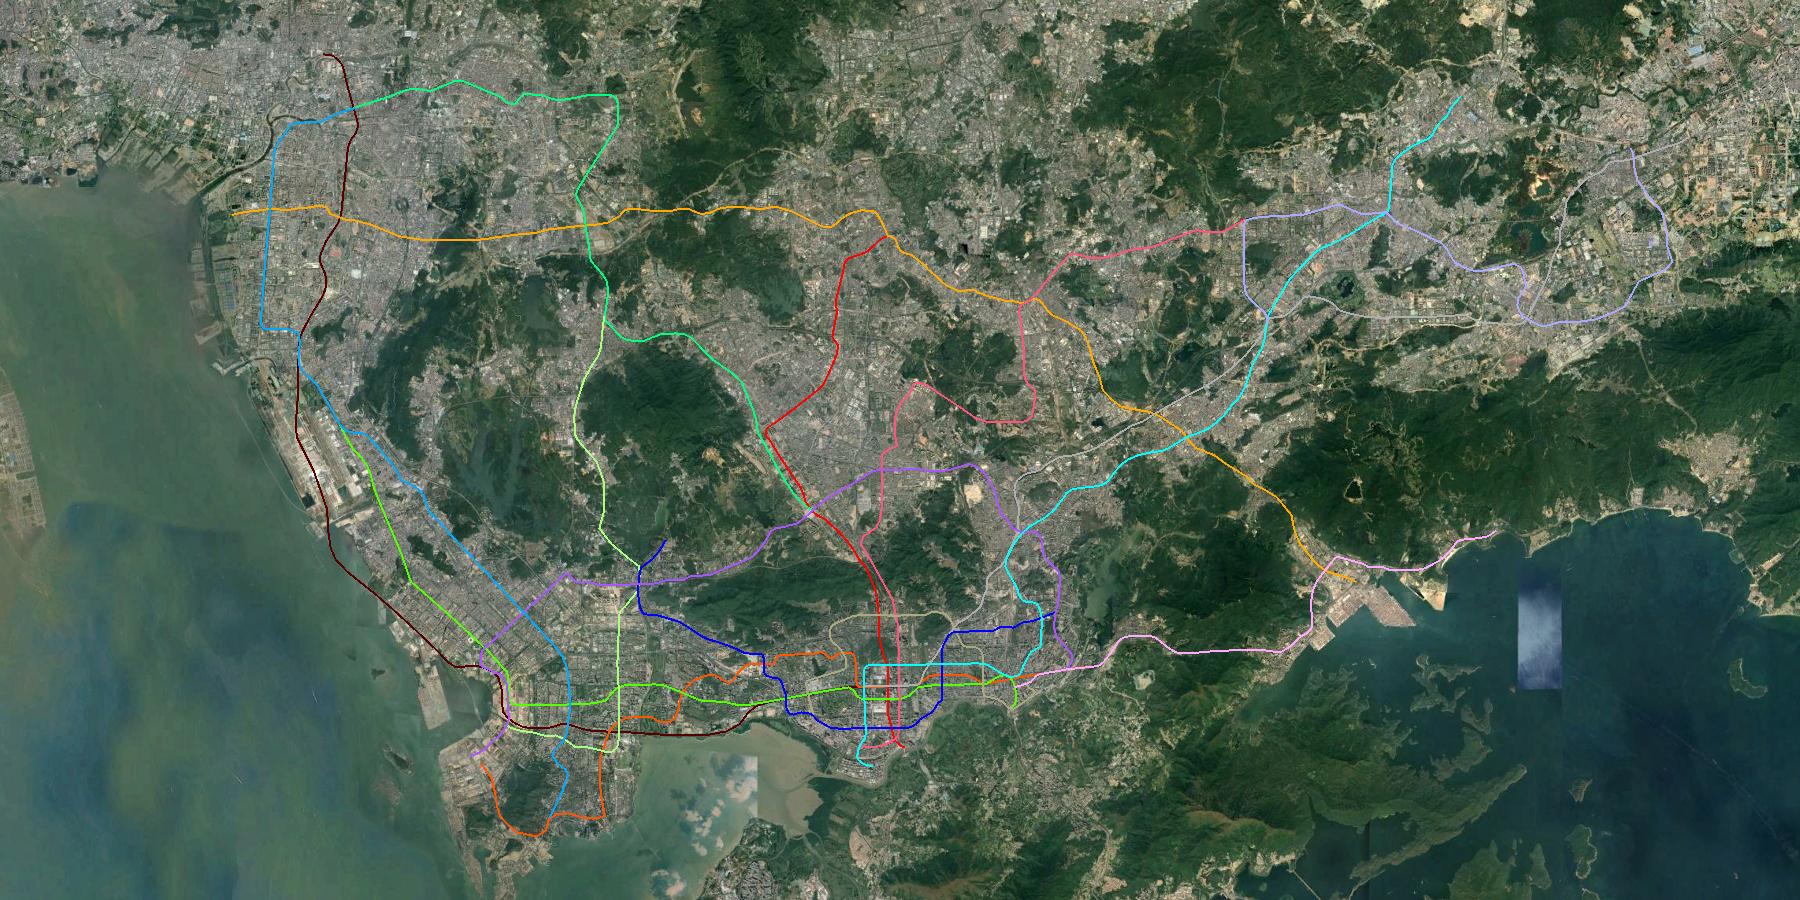 URBA-World-TRANSPORT-METRO-Shenzhen